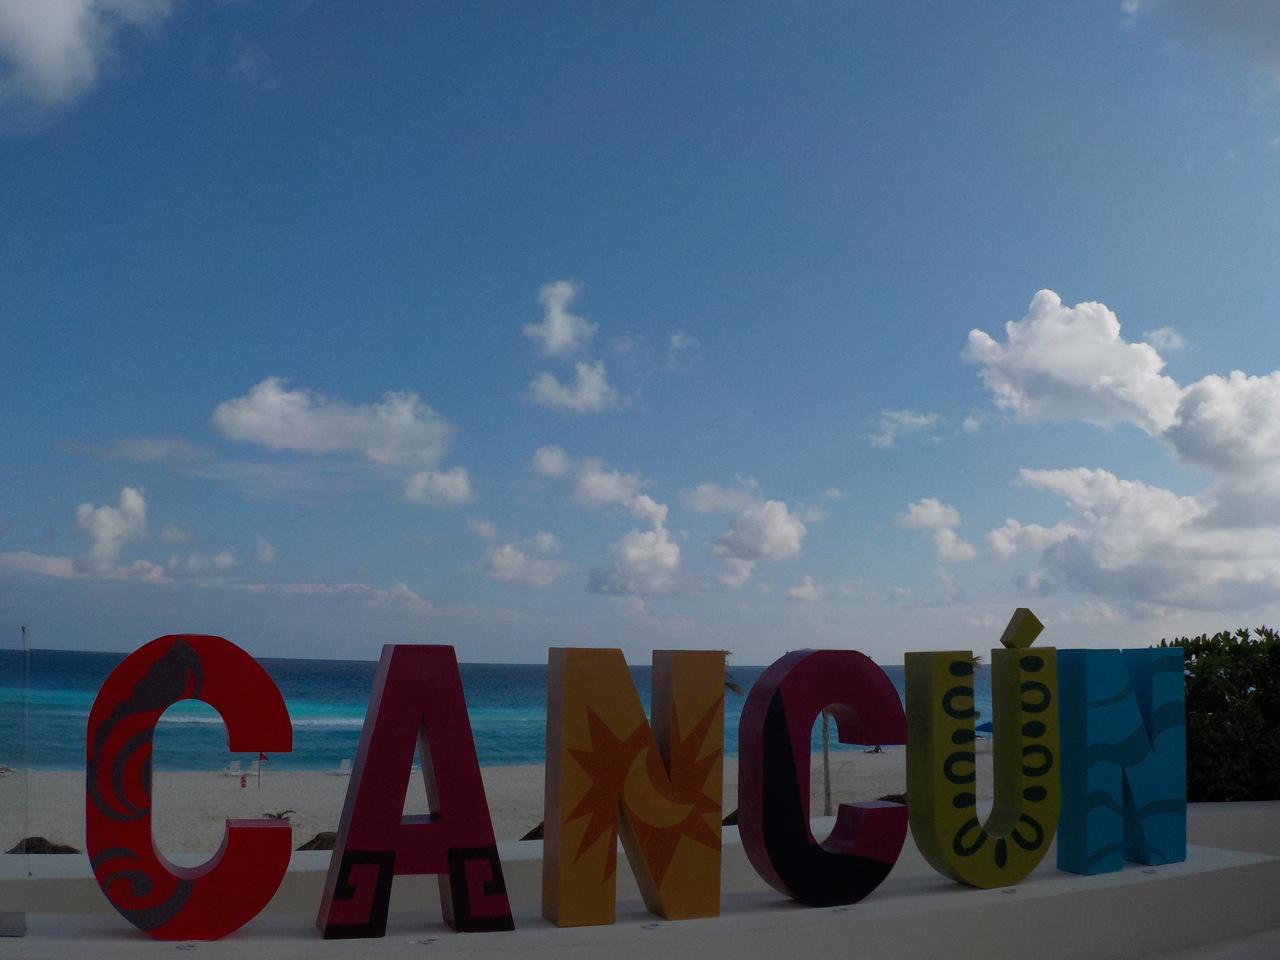 Dicas de Segurança e Cuidados ao Viajar para Cancún